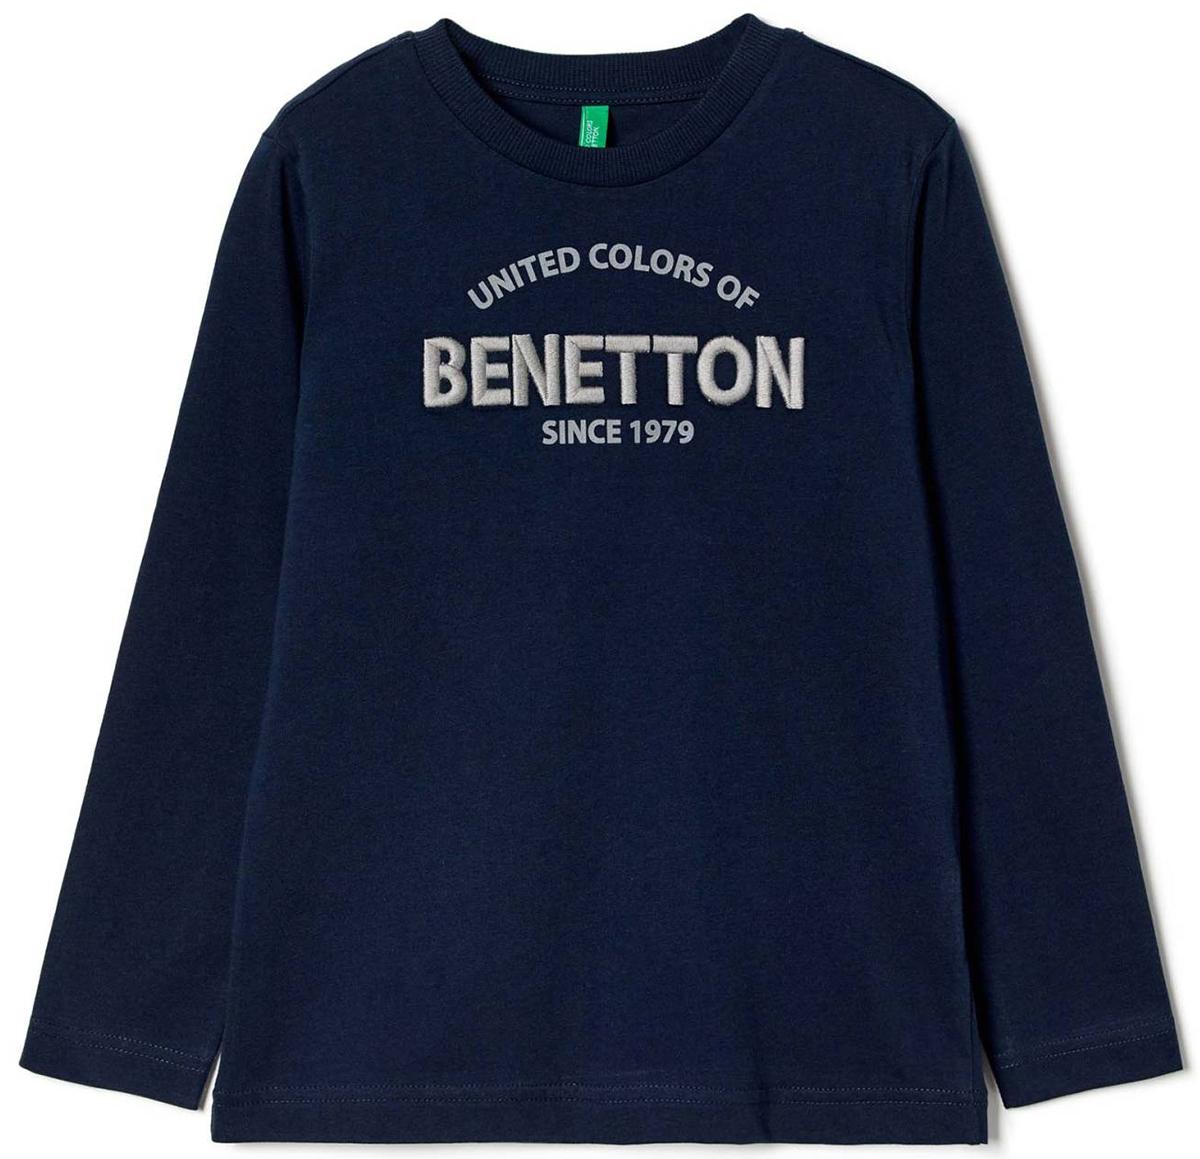 Майка для мальчиков United Colors of Benetton, цвет: синий. 3096C13GW_13C. Размер 1403096C13GW_13C